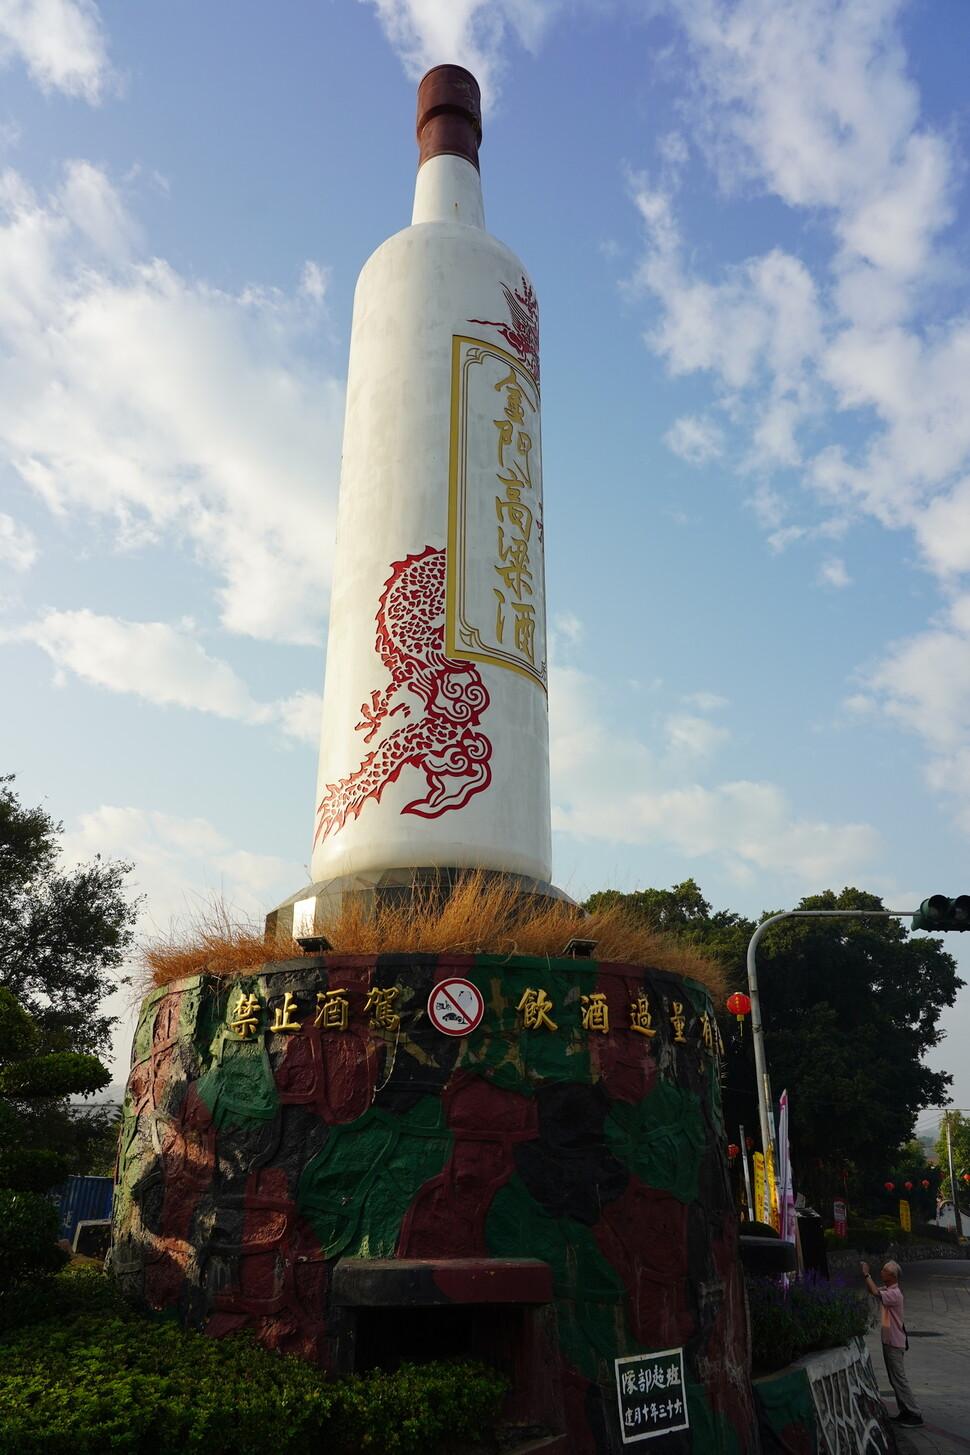 진먼섬 수이터우(수두)마을의 도로변 벙커 위로 '금문고량주' 홍보 조형물이 우뚝 서 있다.